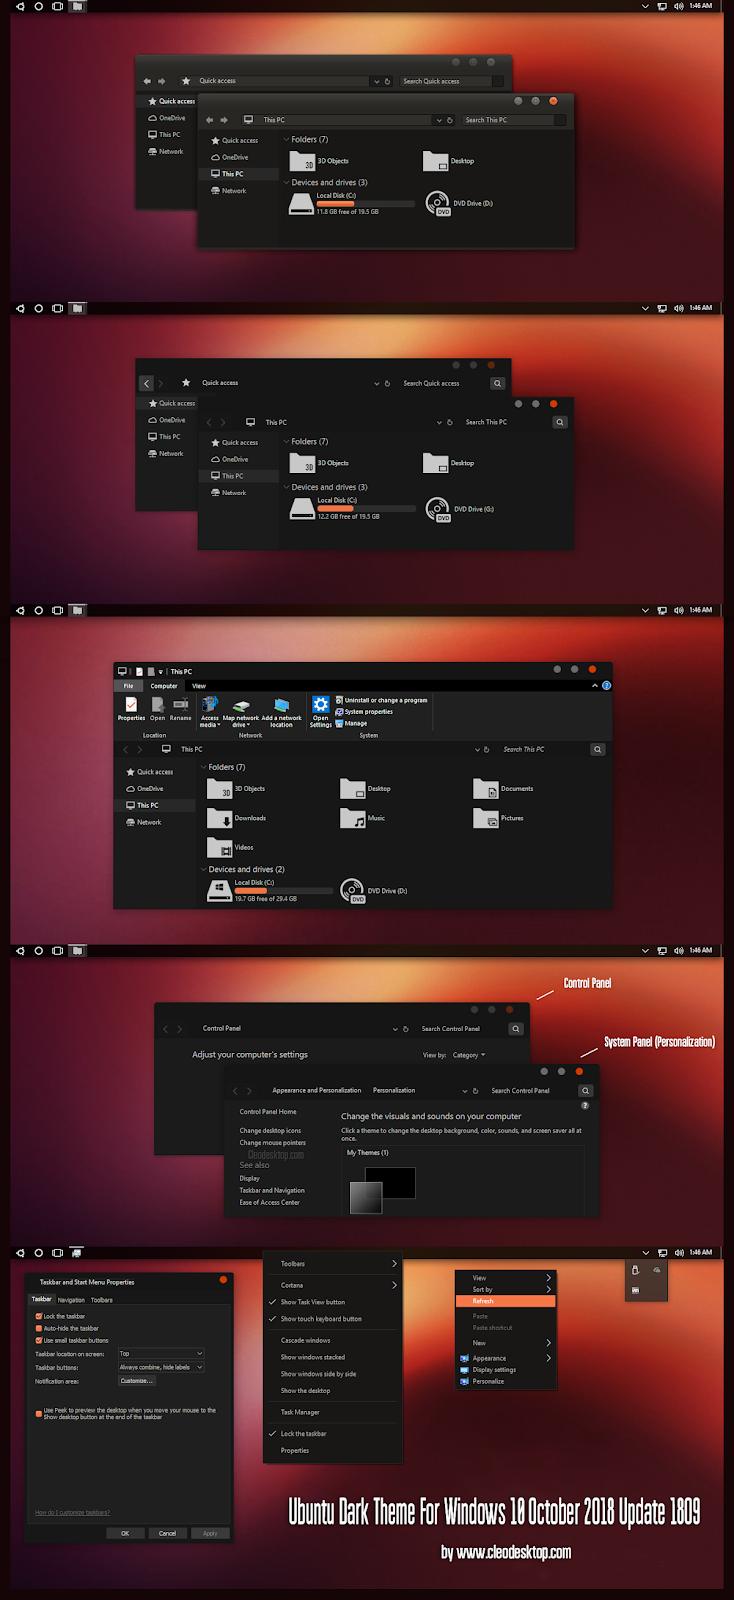 october windows 10 update 1809